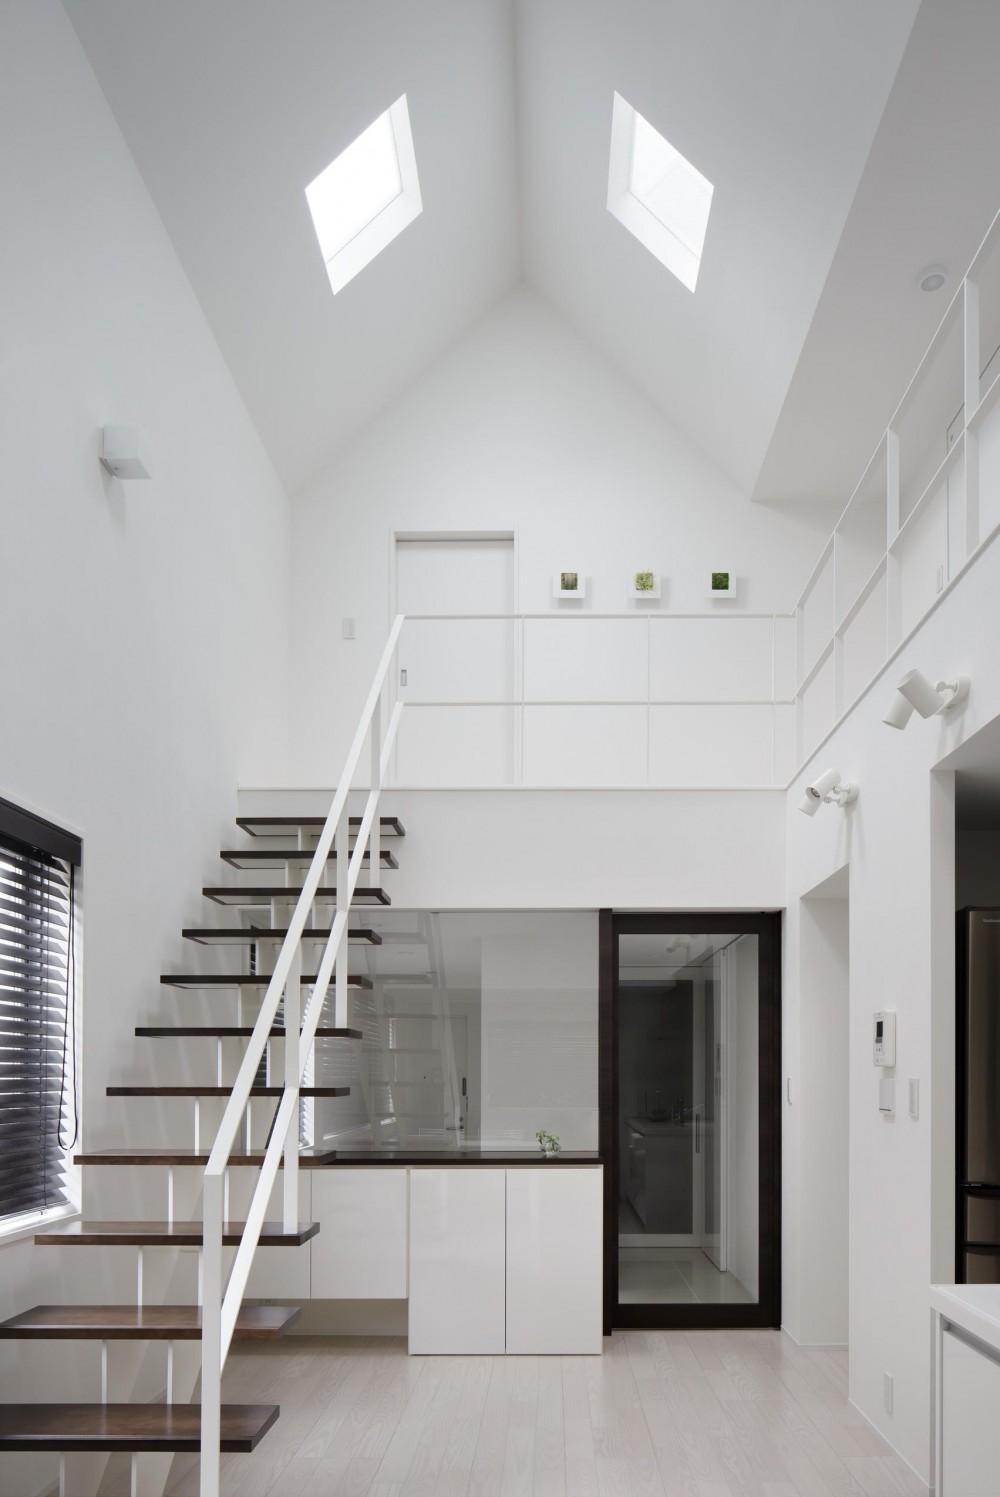 CRAFT「光が吹き抜ける白い家」